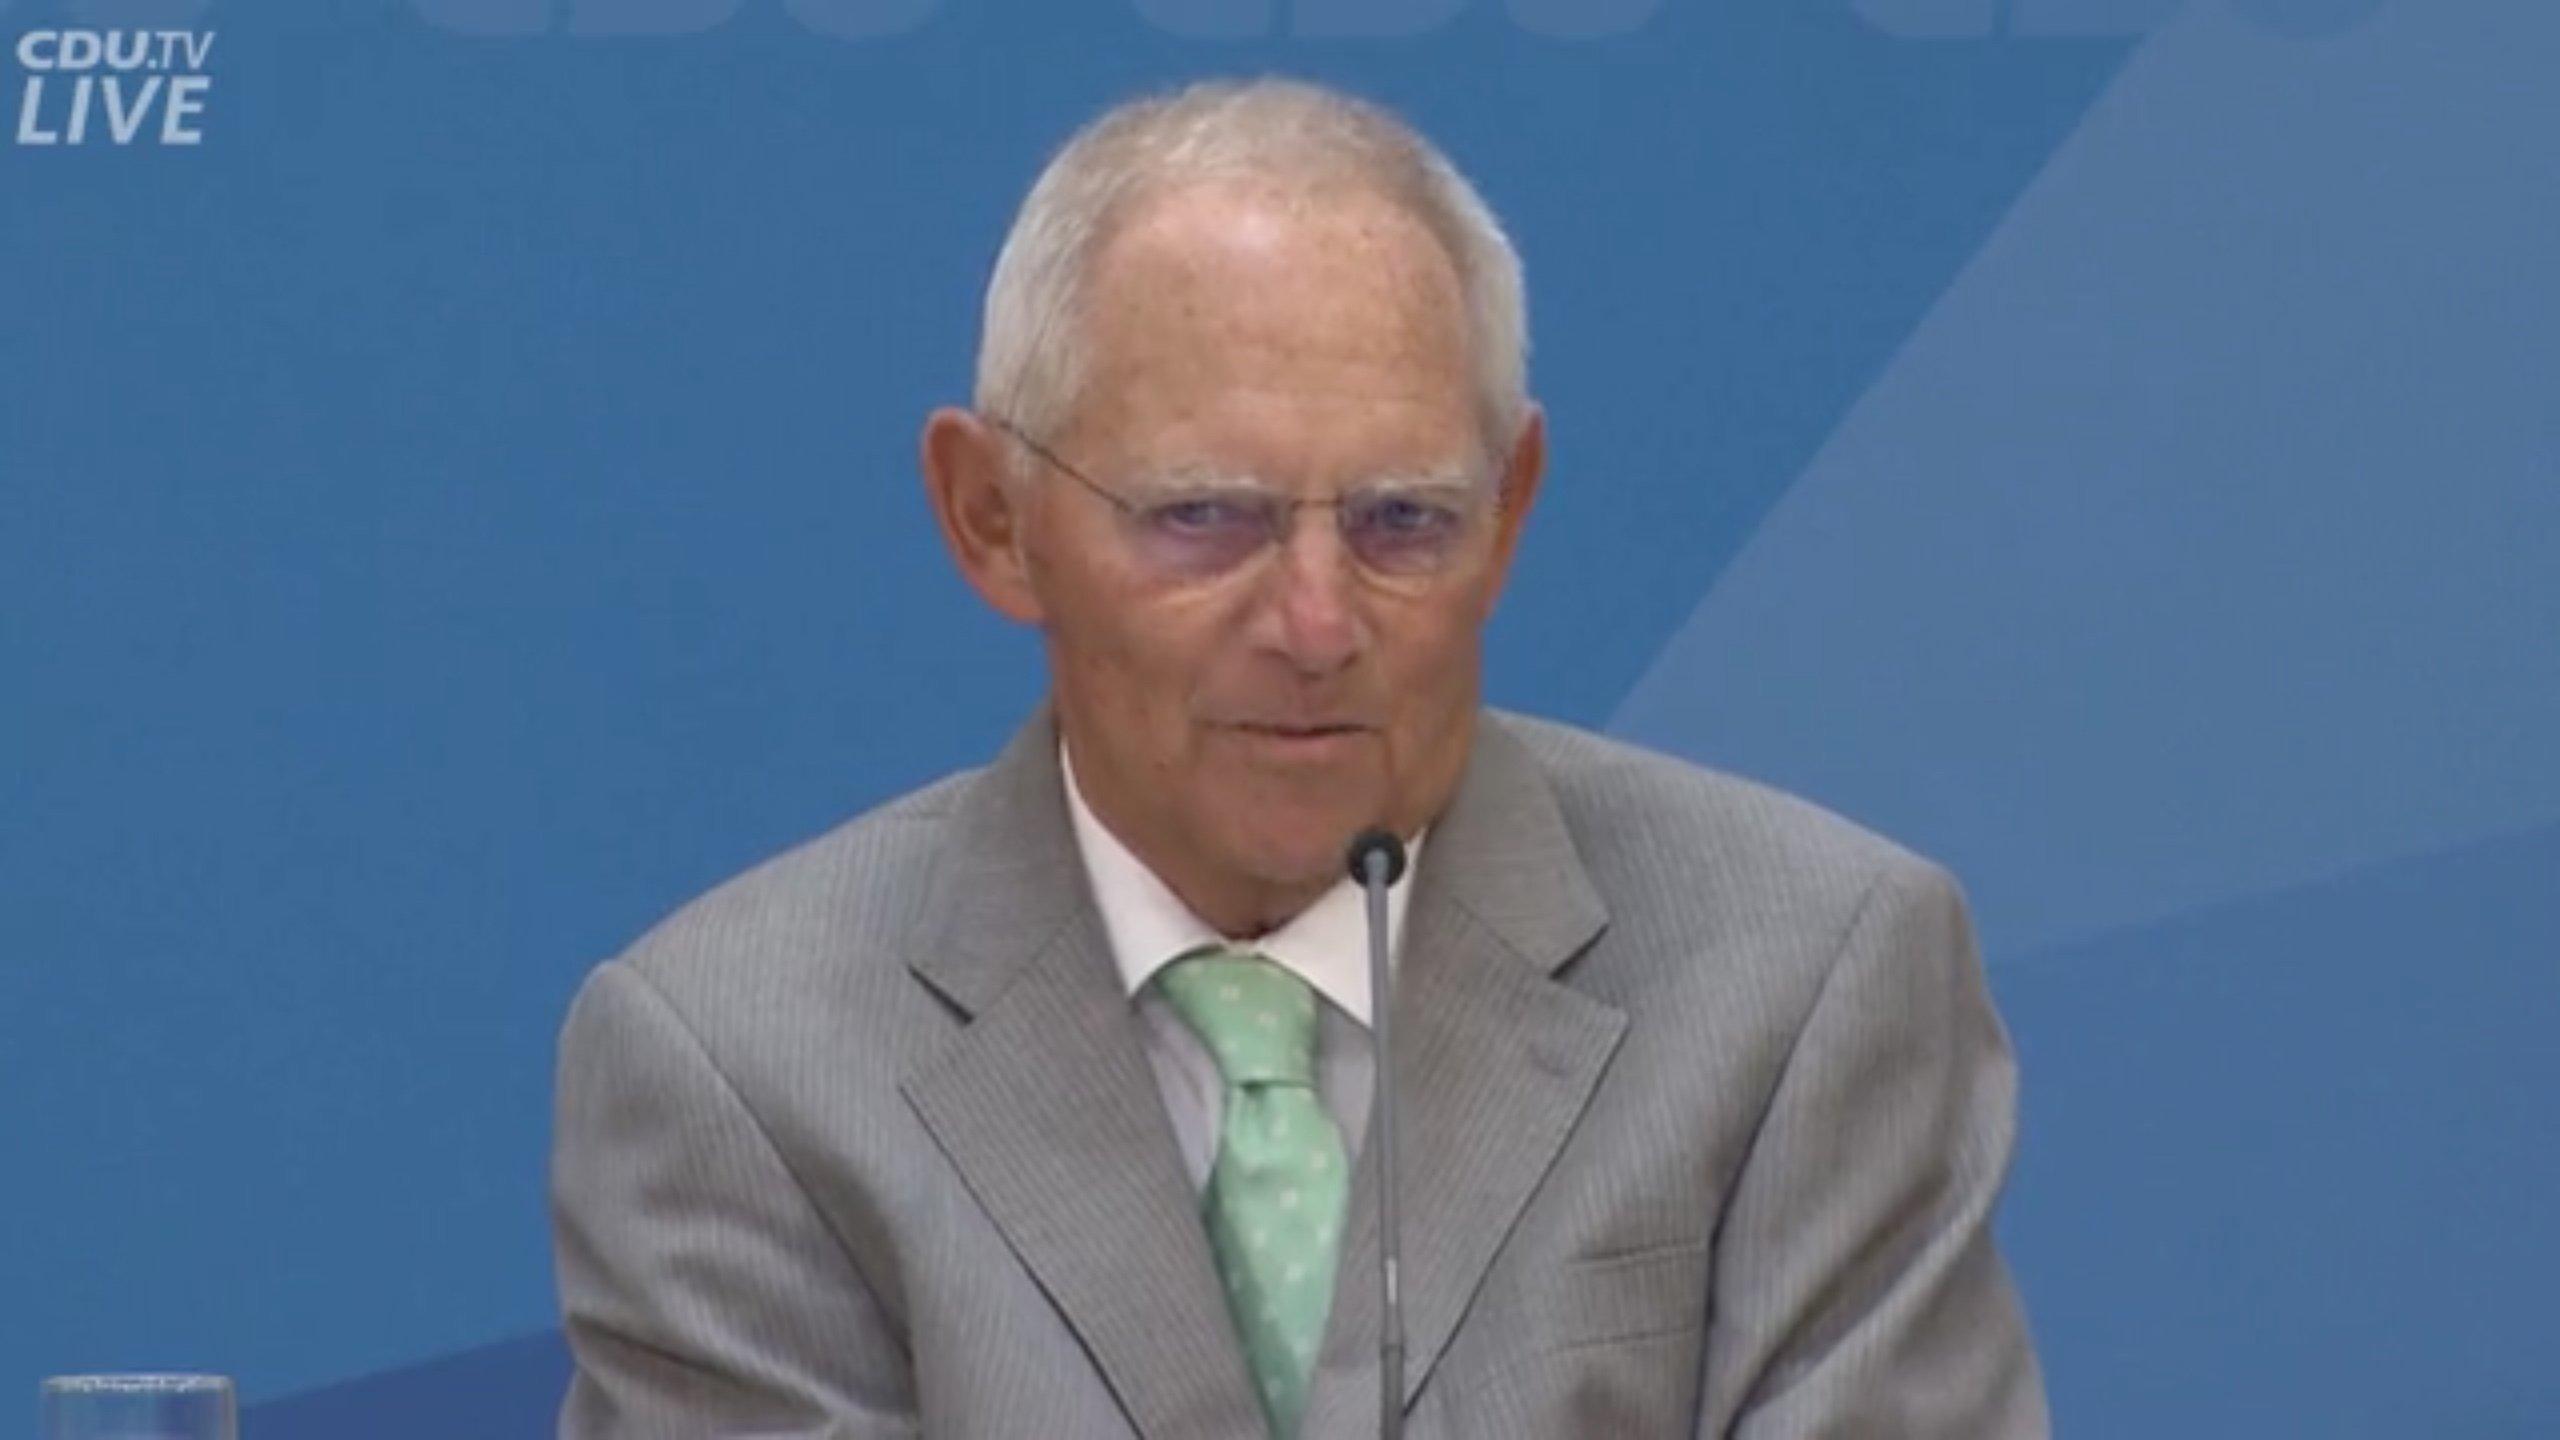 """Wolfgang Schäuble, Bundestags-Präsident und CDU-Mitglied bei einer Rede. Er trägt einen grauen Anzug und sitzt vor einem blauen Hintergrund. – """"Lieber ein nicht perfekter Schritt in die konkrete Richtung, als auf der Suche nach der perfekten Lösung am Ende gar nichts zu machen.""""  Wolfgang Schäuble redete seiner Partei bei deren Werkstattgespräch Anfang September 2019ins Gewissen. Sie solle endlich mal mit dem Klimaschutz anfangen, meinte er und fügte mit sichtlicher Freude – die eigenen Fremdsprachenkenntnisse karikierend – hinzu: """"Second bescht ist allemal besser als nossing."""""""